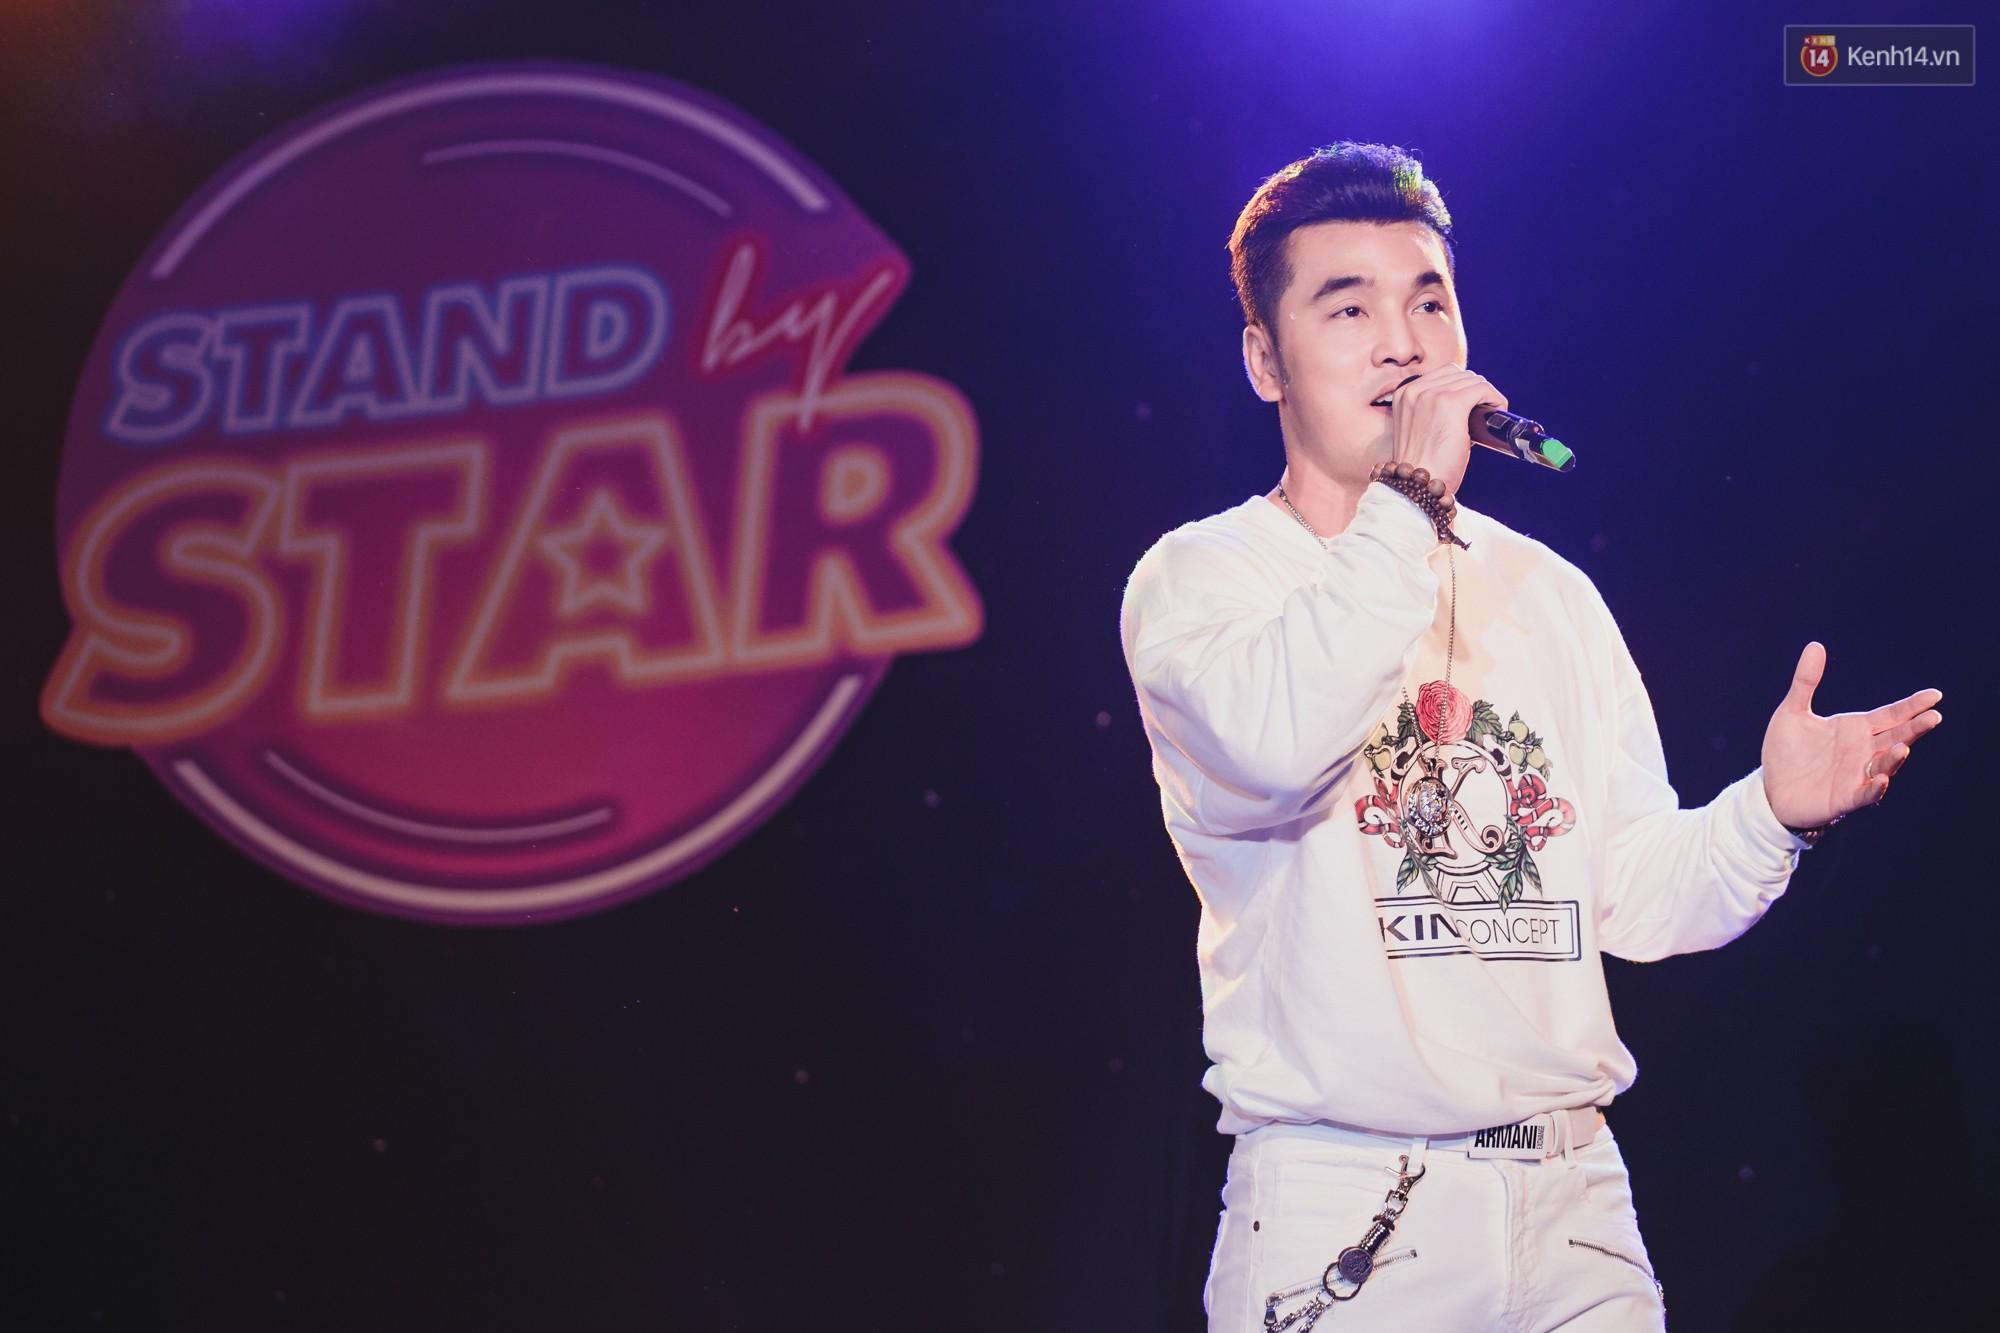 Stand By Star: Gần 30 ca sĩ Vpop đình đám bậc nhất mang loạt hit